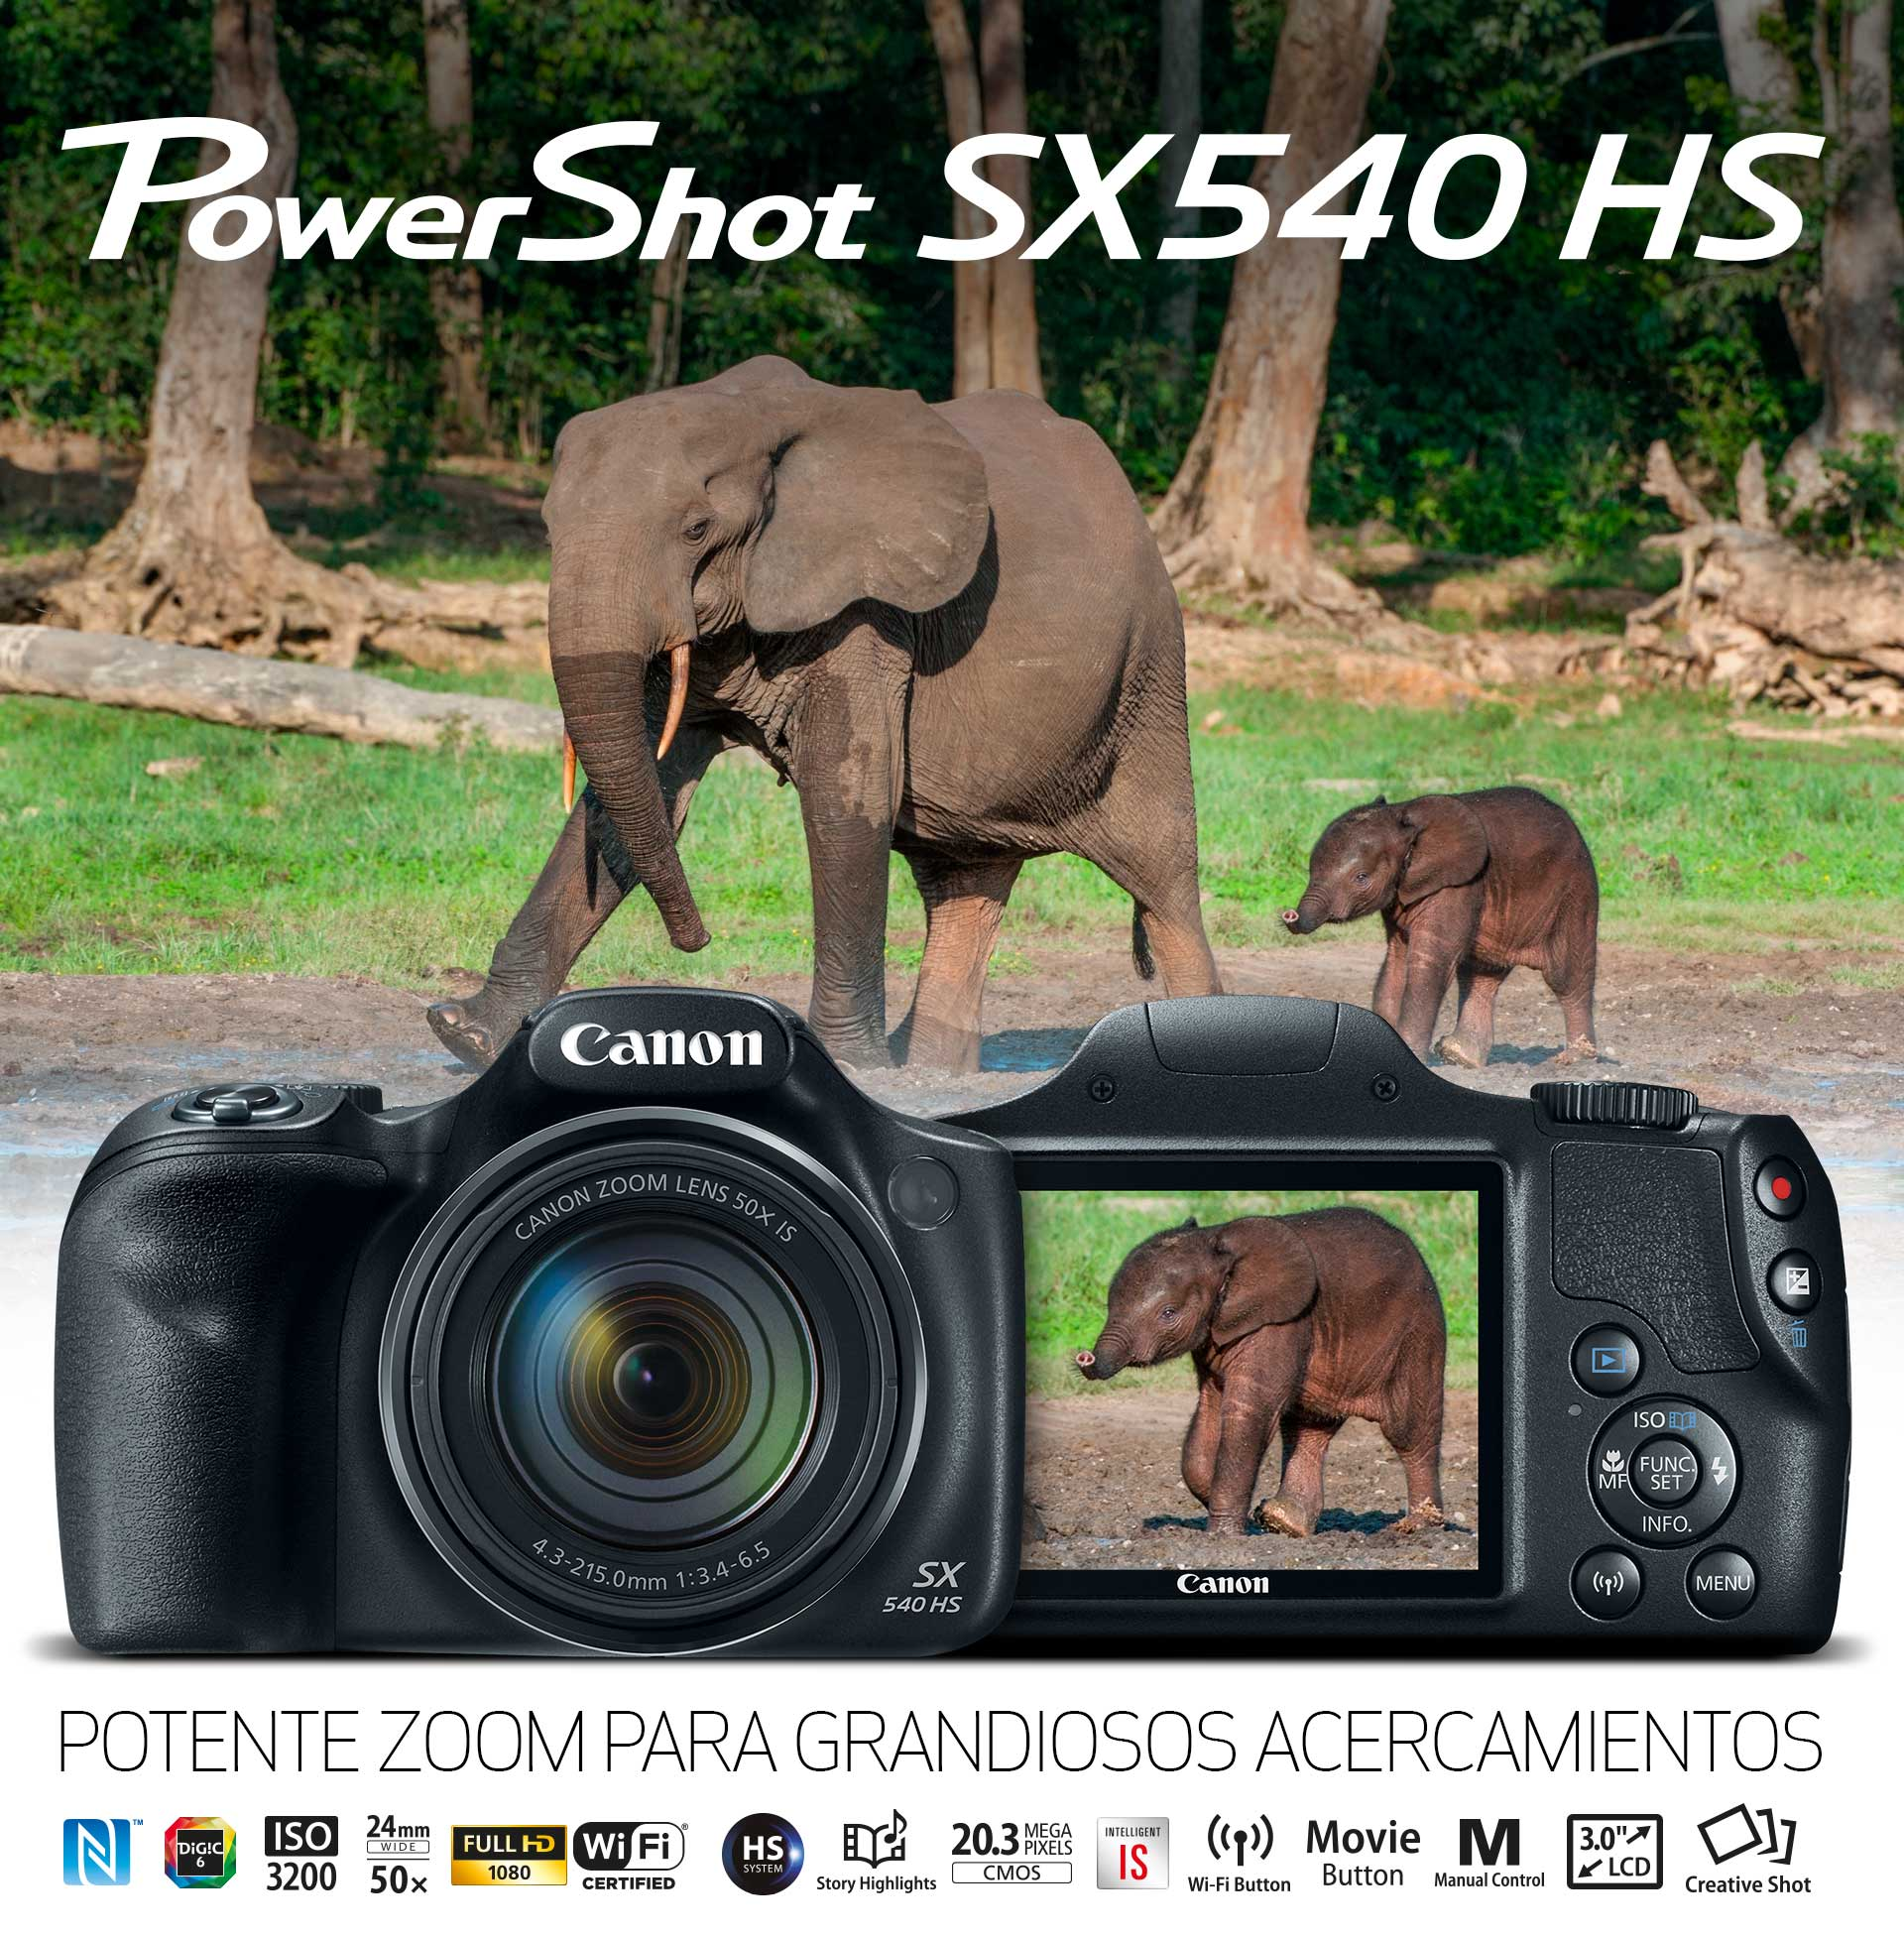 PowerShot SX540 HS: POTENTE ZOOM PARA GRANDIOSOS ACERCAMIENTOS